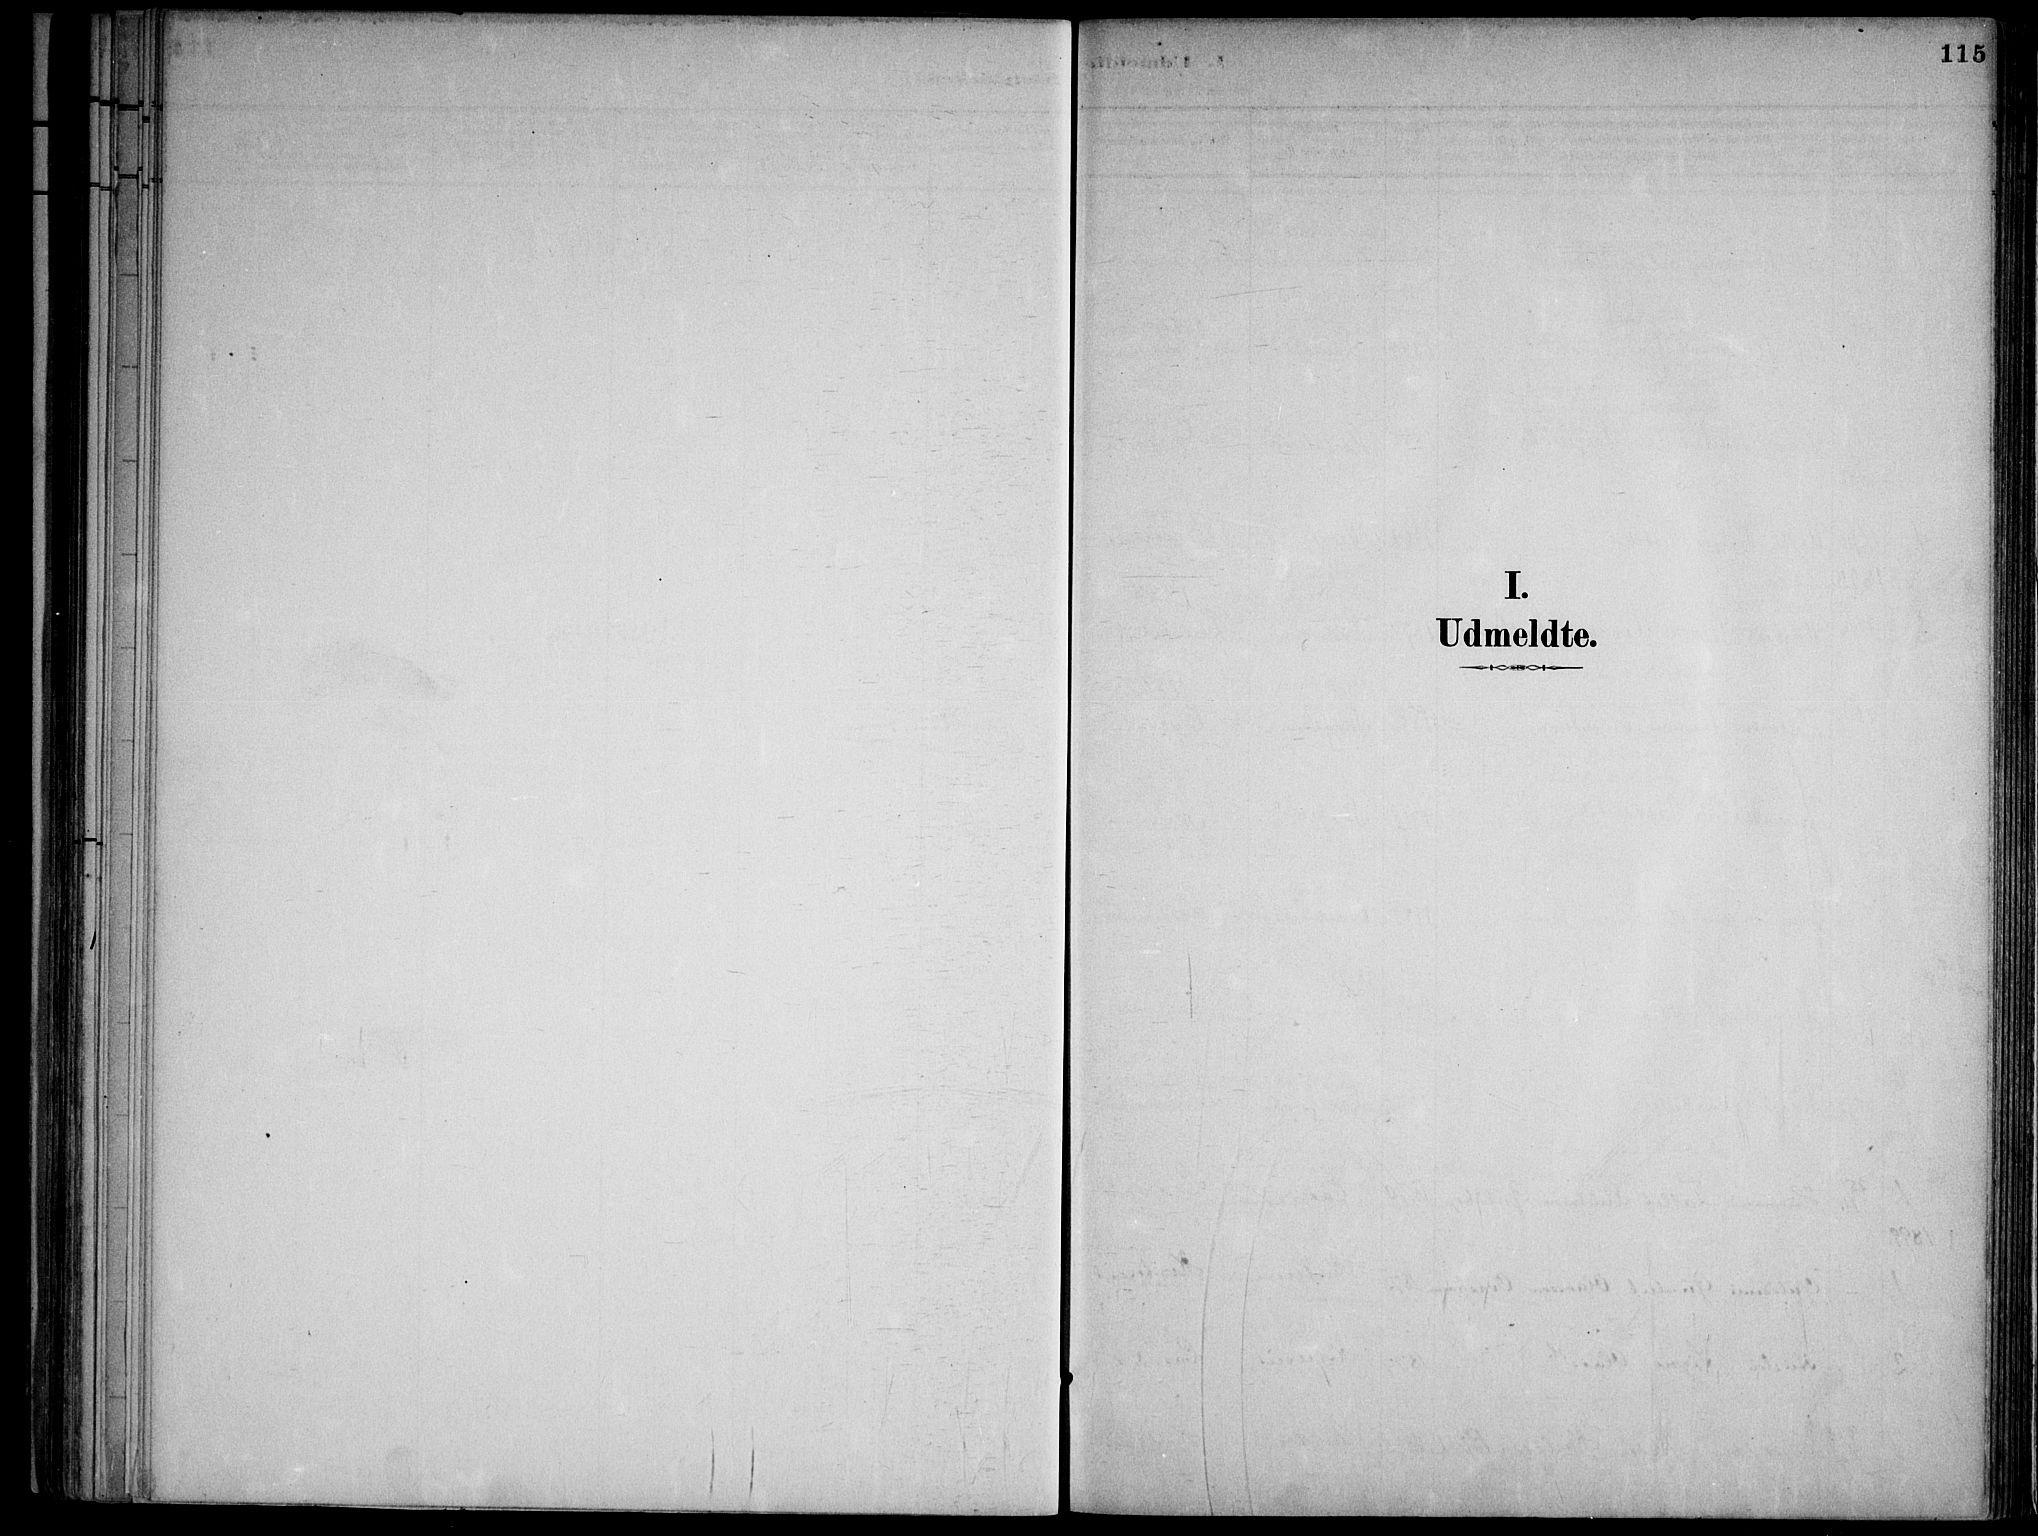 SAKO, Lårdal kirkebøker, F/Fa/L0007: Ministerialbok nr. I 7, 1887-1906, s. 115